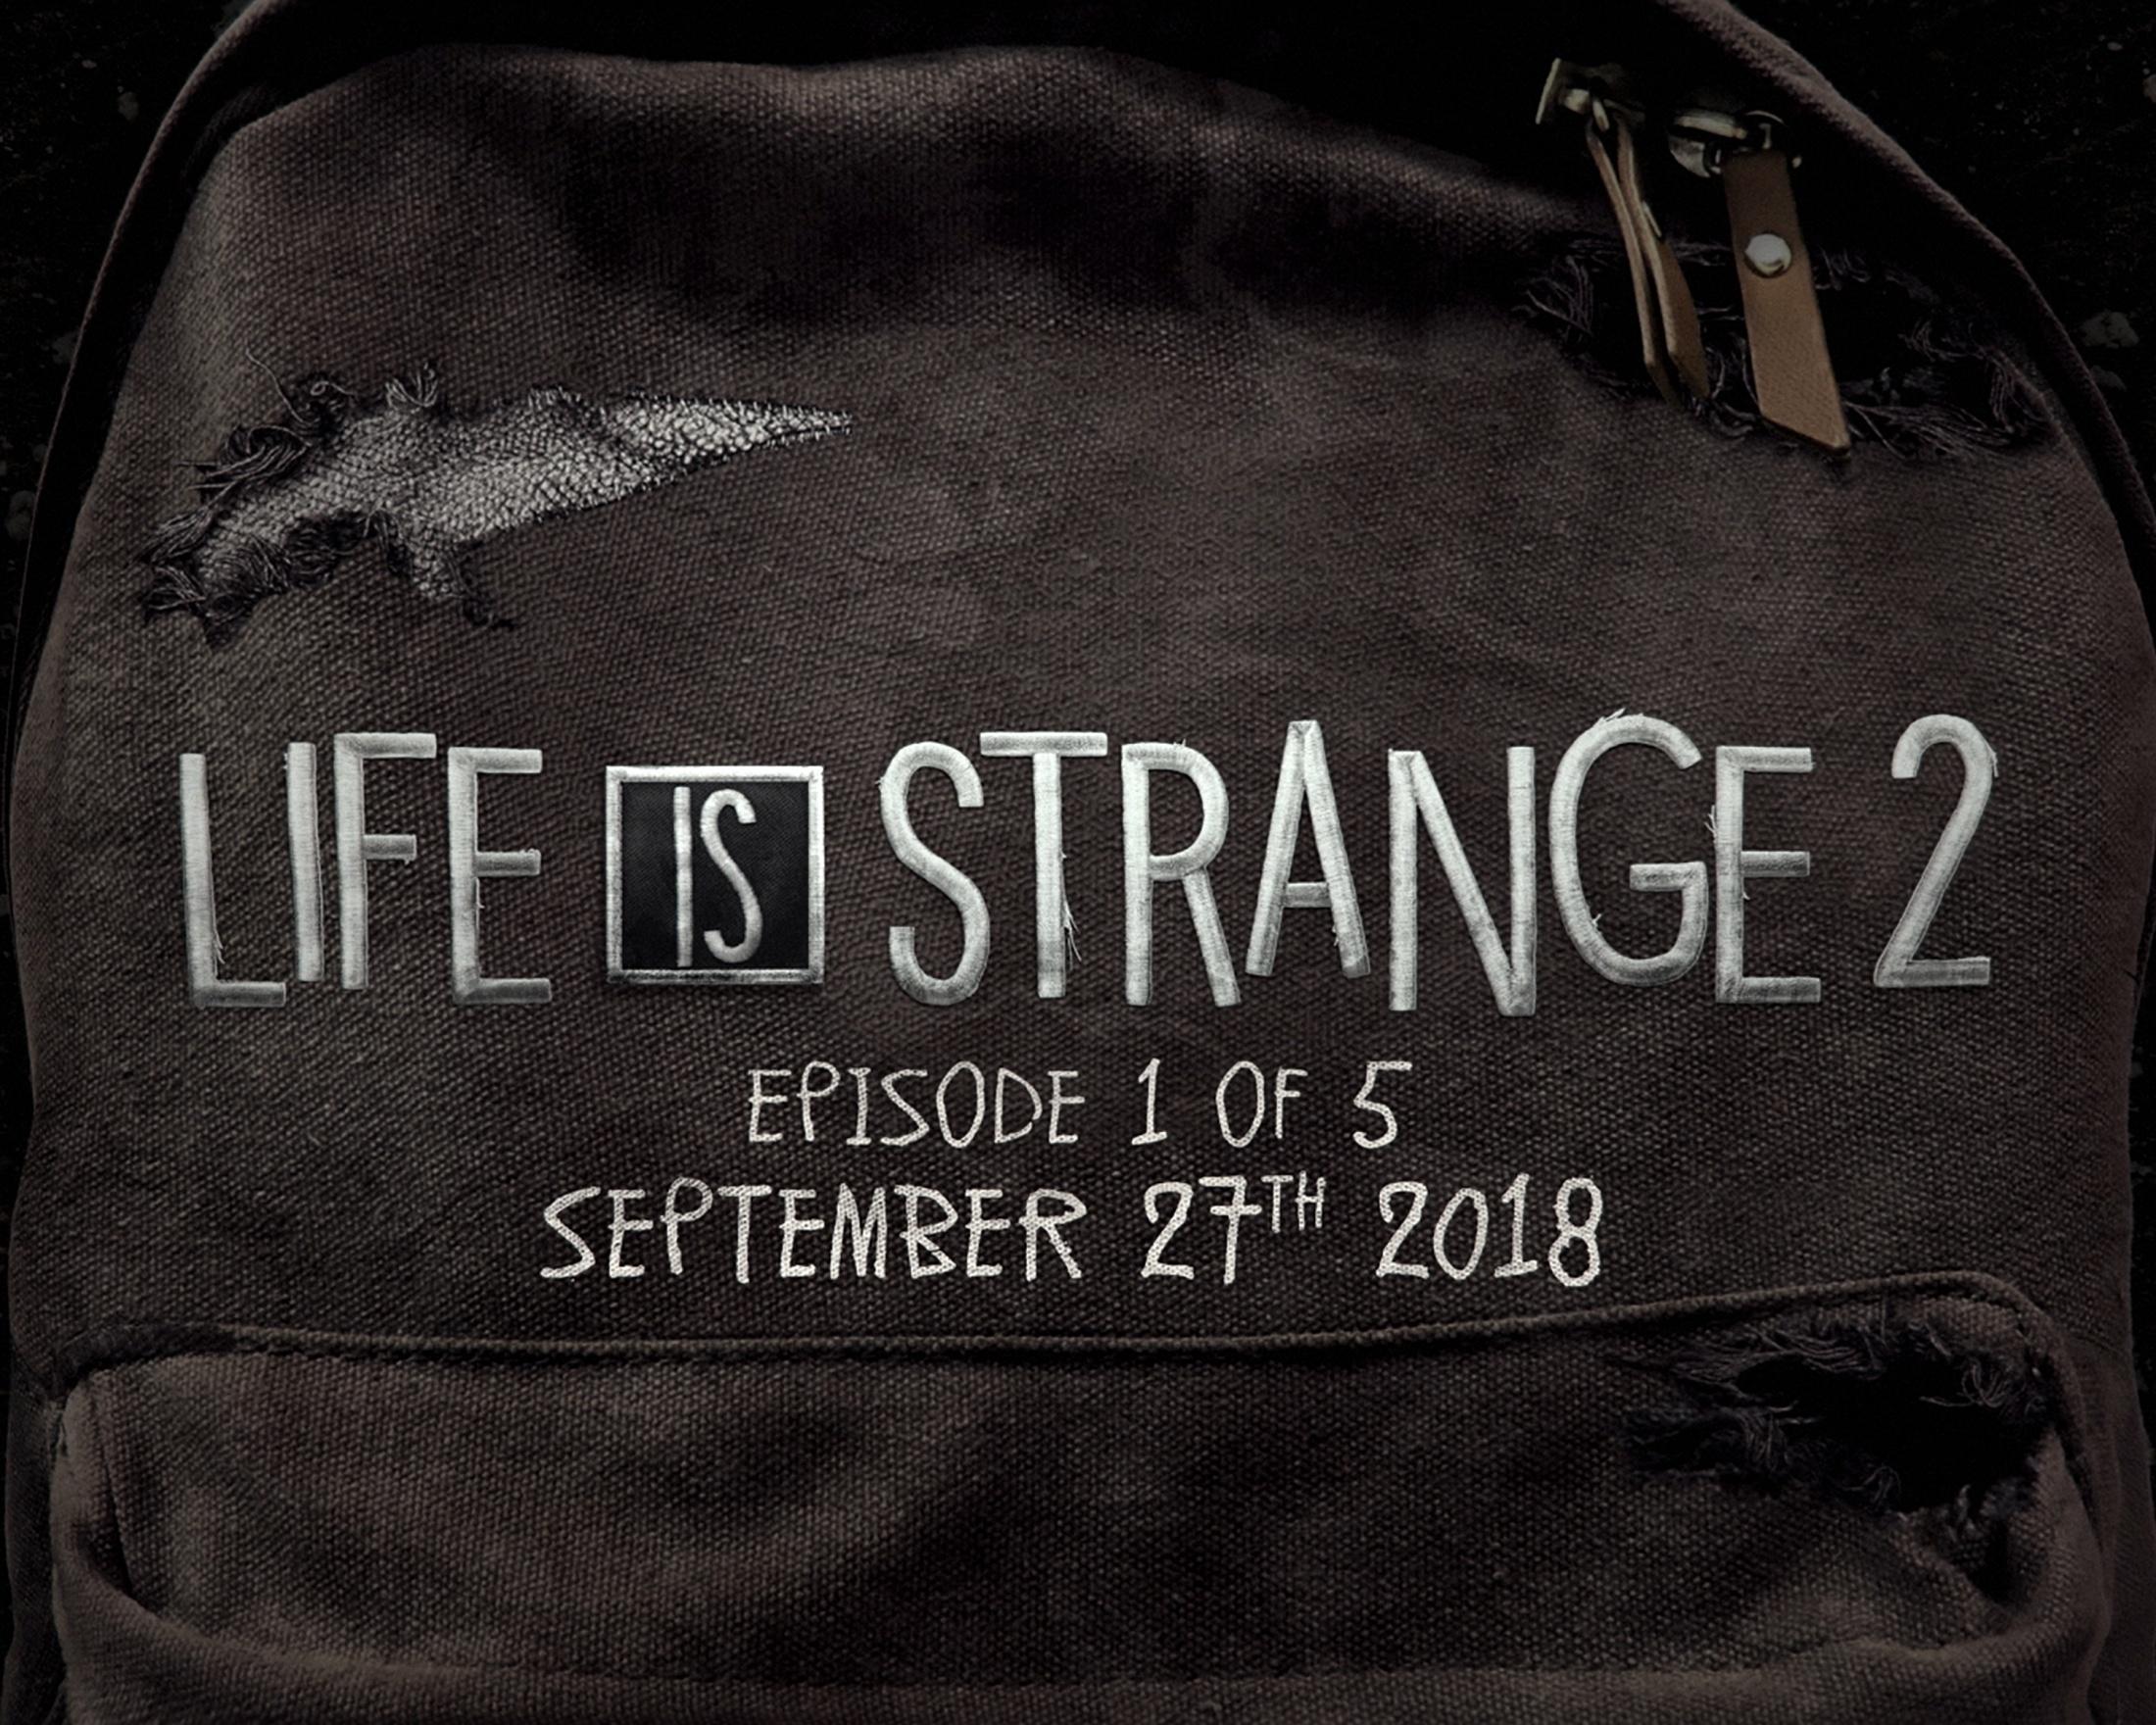 Thumbnail for Life Is Strange